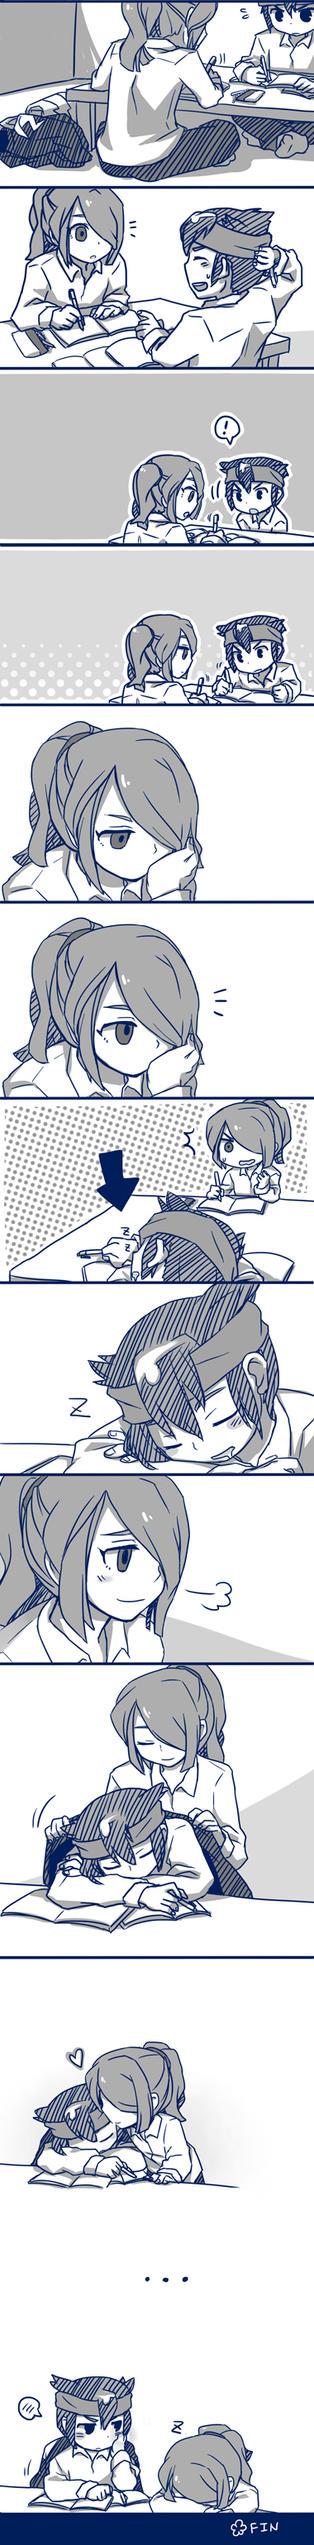 Inazuma11:Kaze X Endou by sagenac